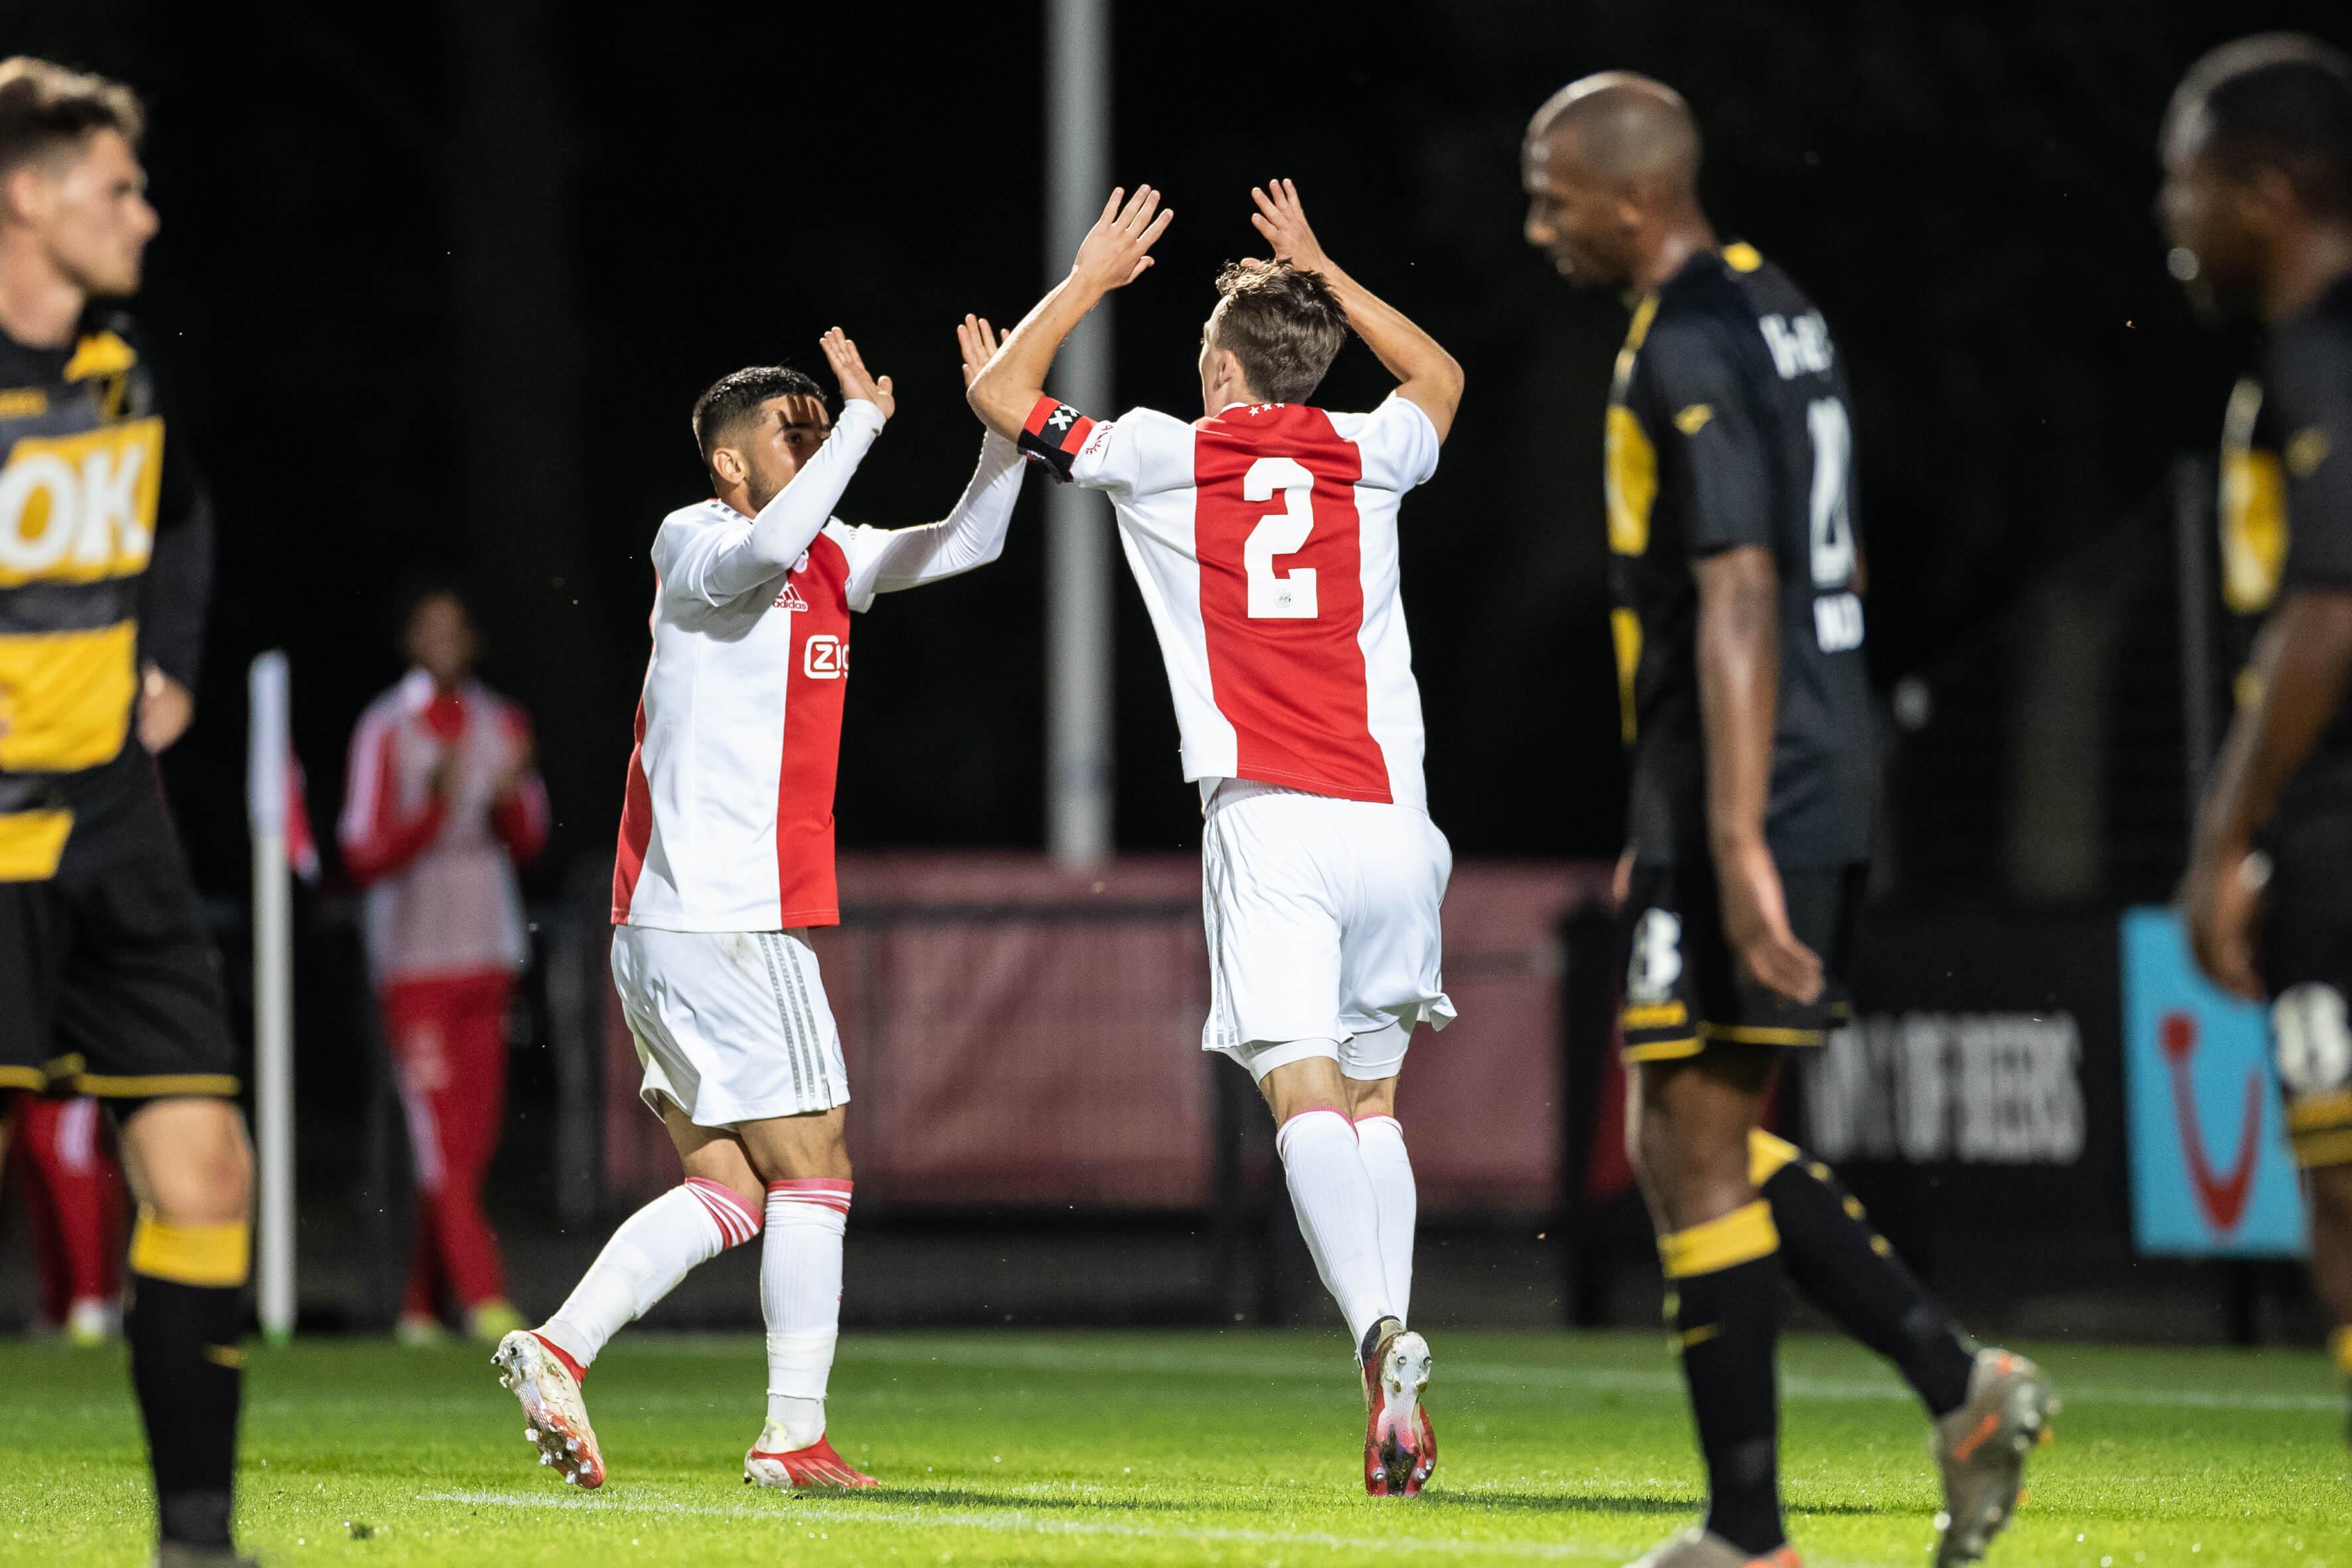 Aan doelpunten geen gebrek bij zege van Jong Ajax tegen NAC; image source: Pro Shots